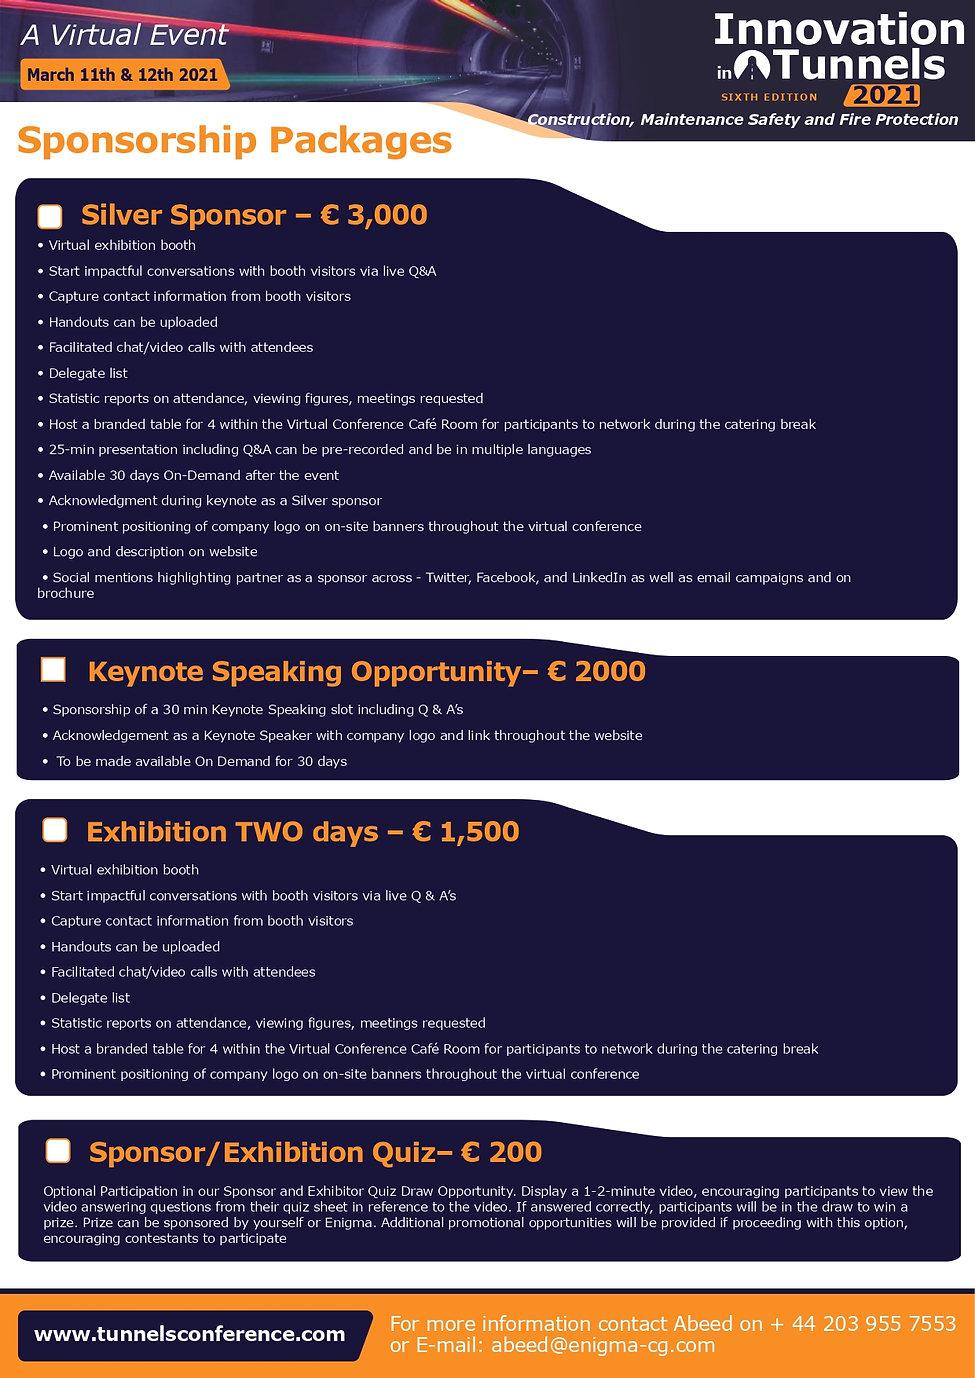 Innovation in Tunnels 2021 sponsor websi